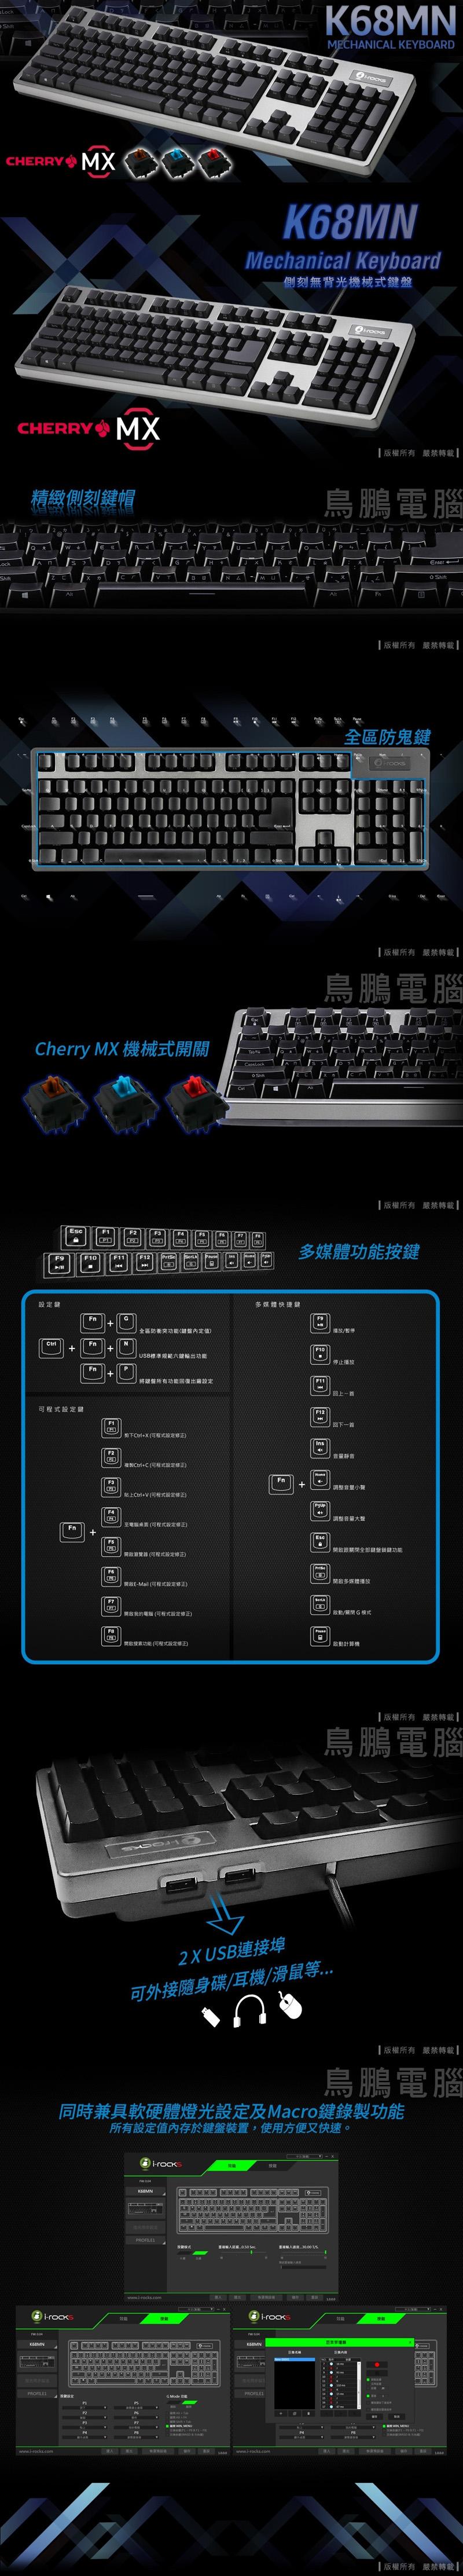 【鳥鵬電腦】i-rocks 艾芮克 IRK68MN 機械式鍵盤 黑 CHERRY 青軸 大ENTER 側刻 K68MN